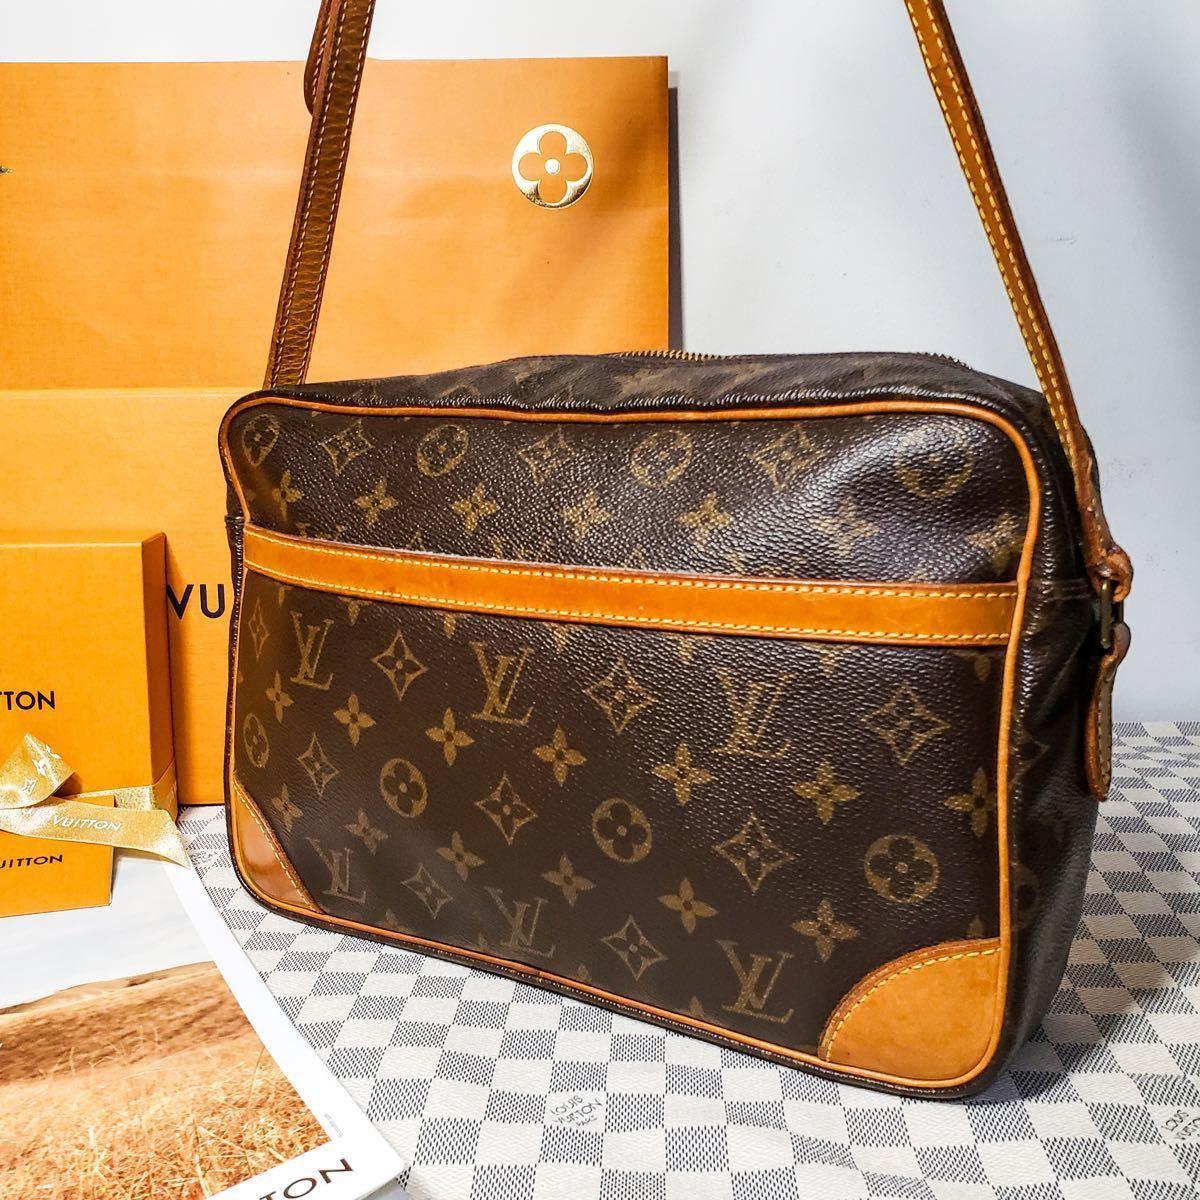 1円 極美品 LV ルイヴィトン モノグラム Louis Vuitton ショルダーバッグ トートバッグ ハンドバッグ 褐色 斜め掛け かばん 正規品